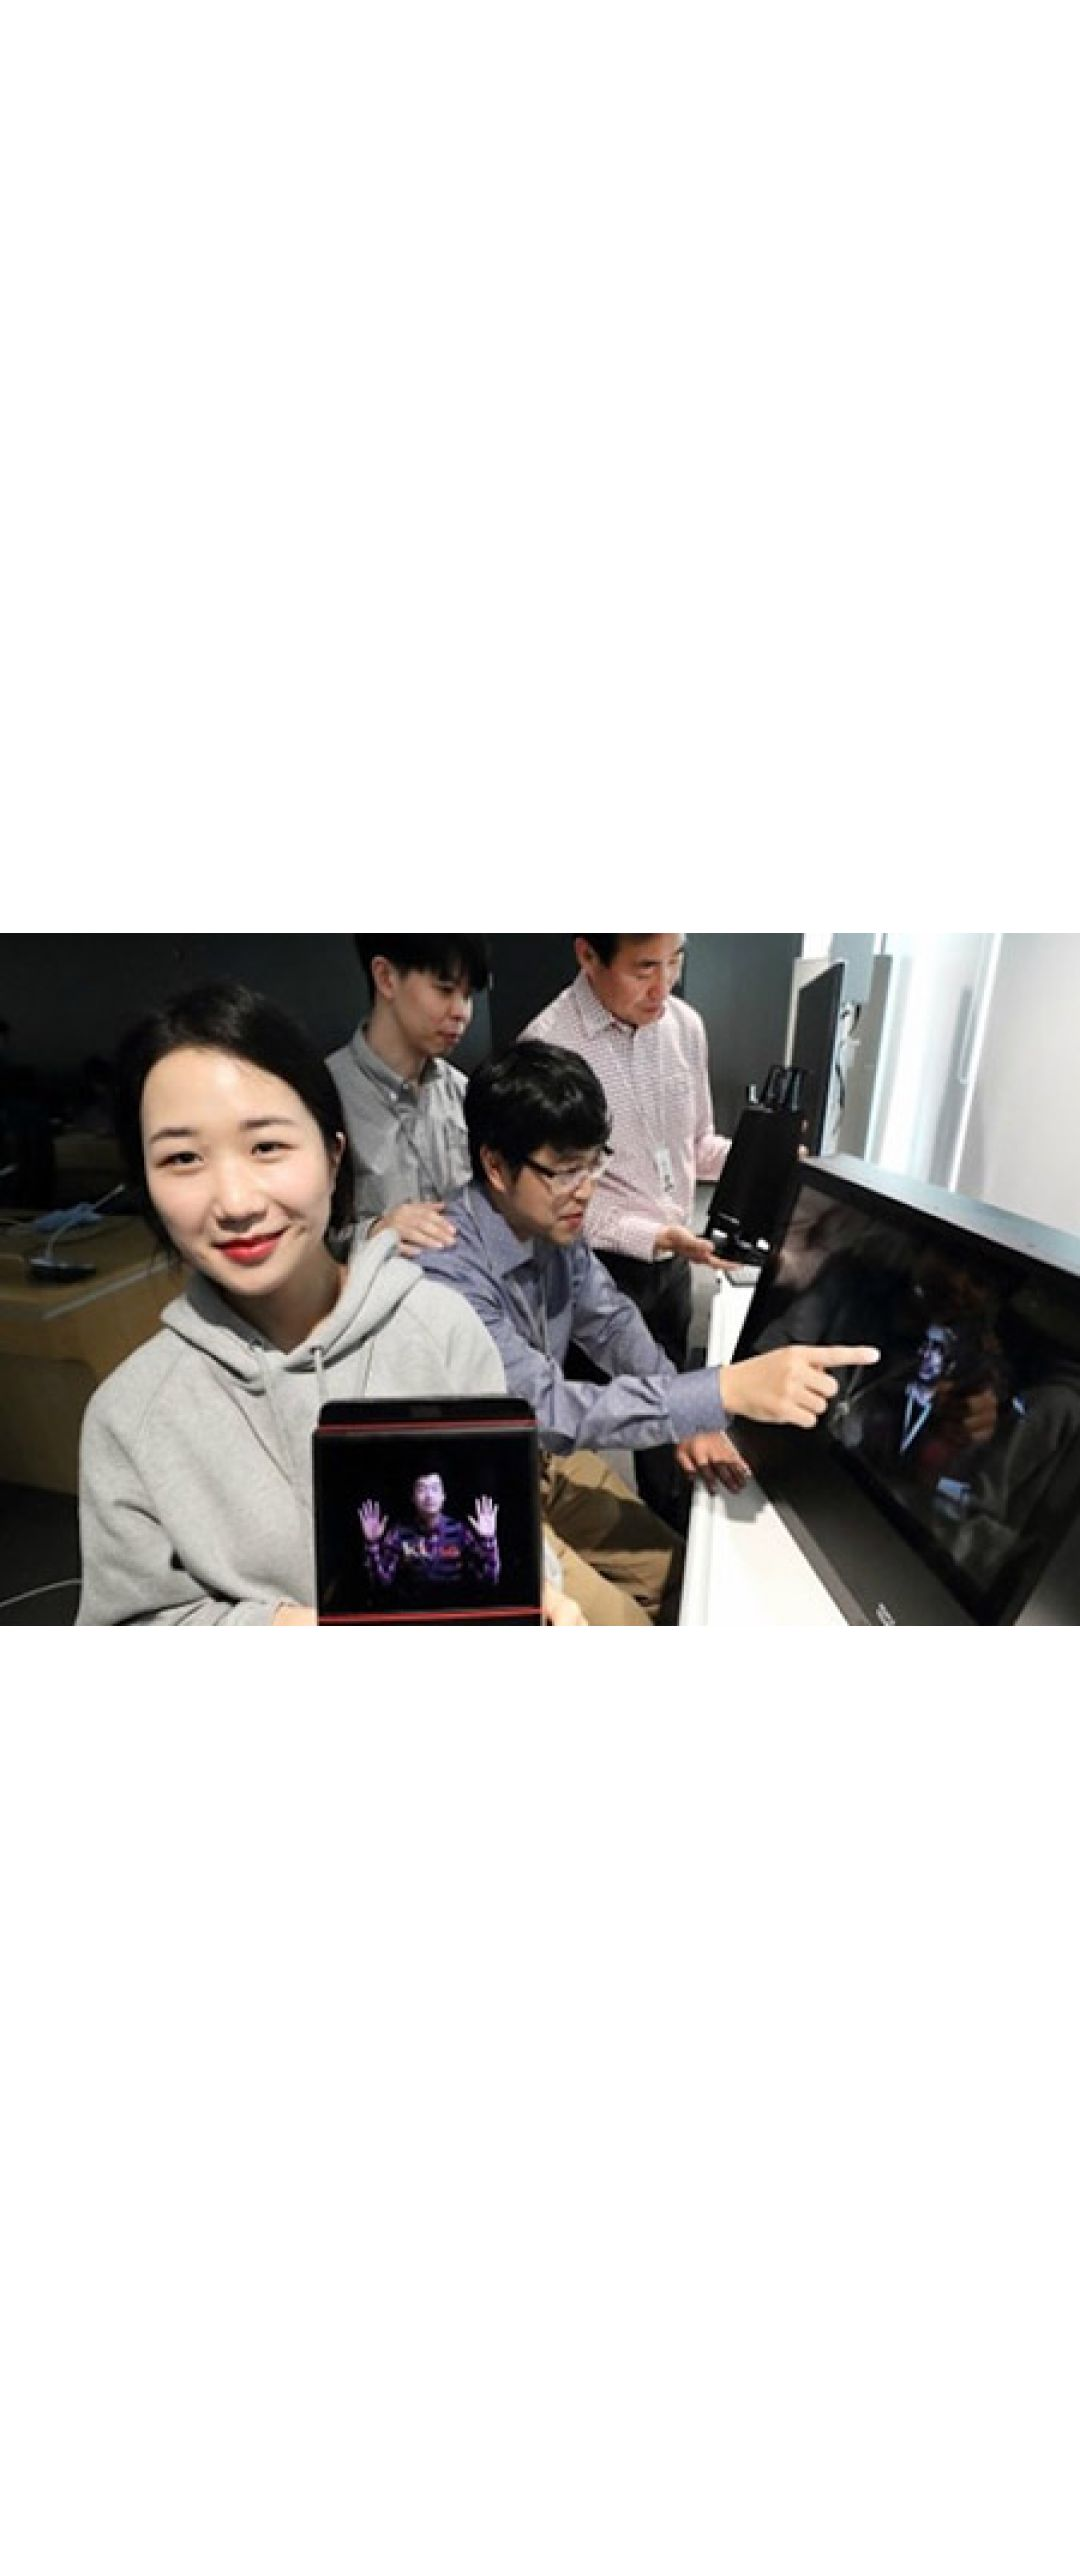 Se realiza la primera videollamada 5G con hologramas 3D de la historia